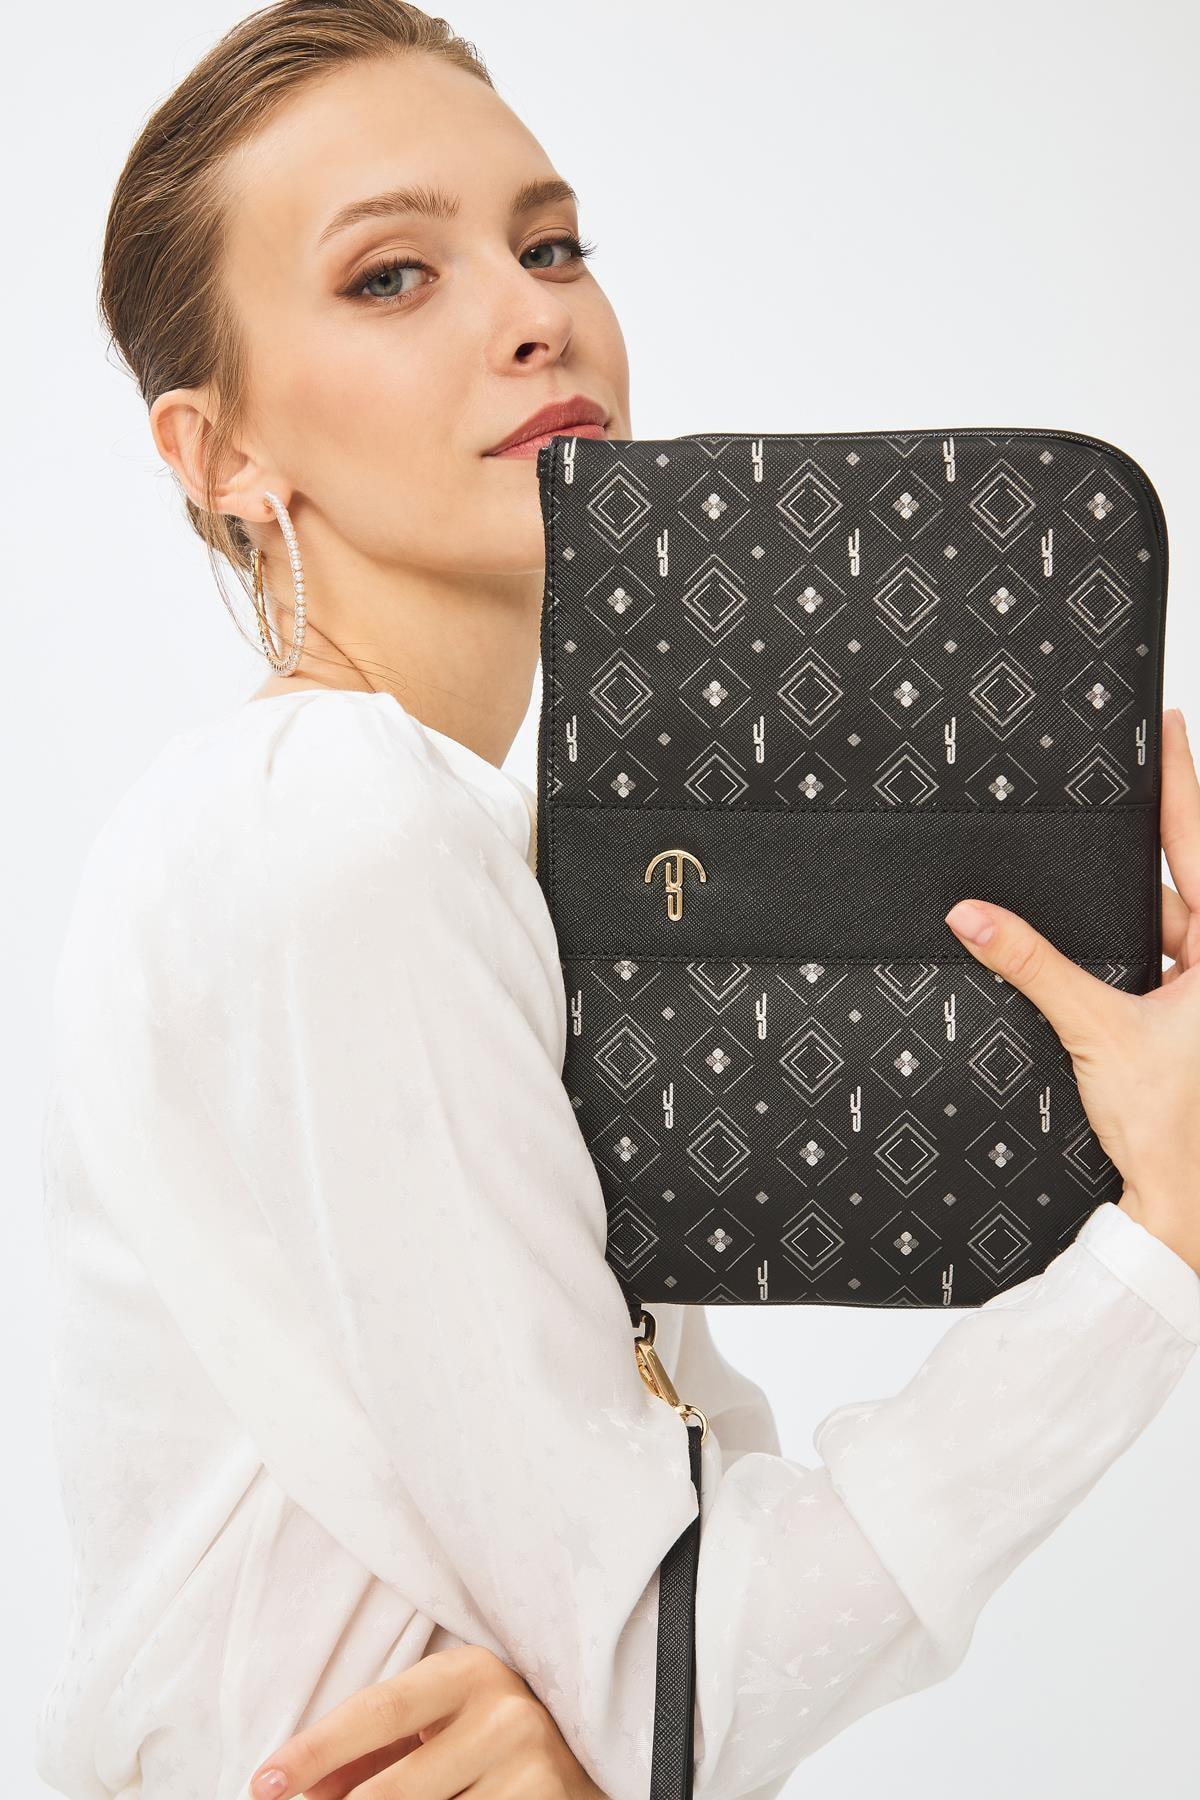 Deri Company Kadın Basic Clutch Çanta Monogram Desenli Şeritli Logolu Siyah Gri 214002 1